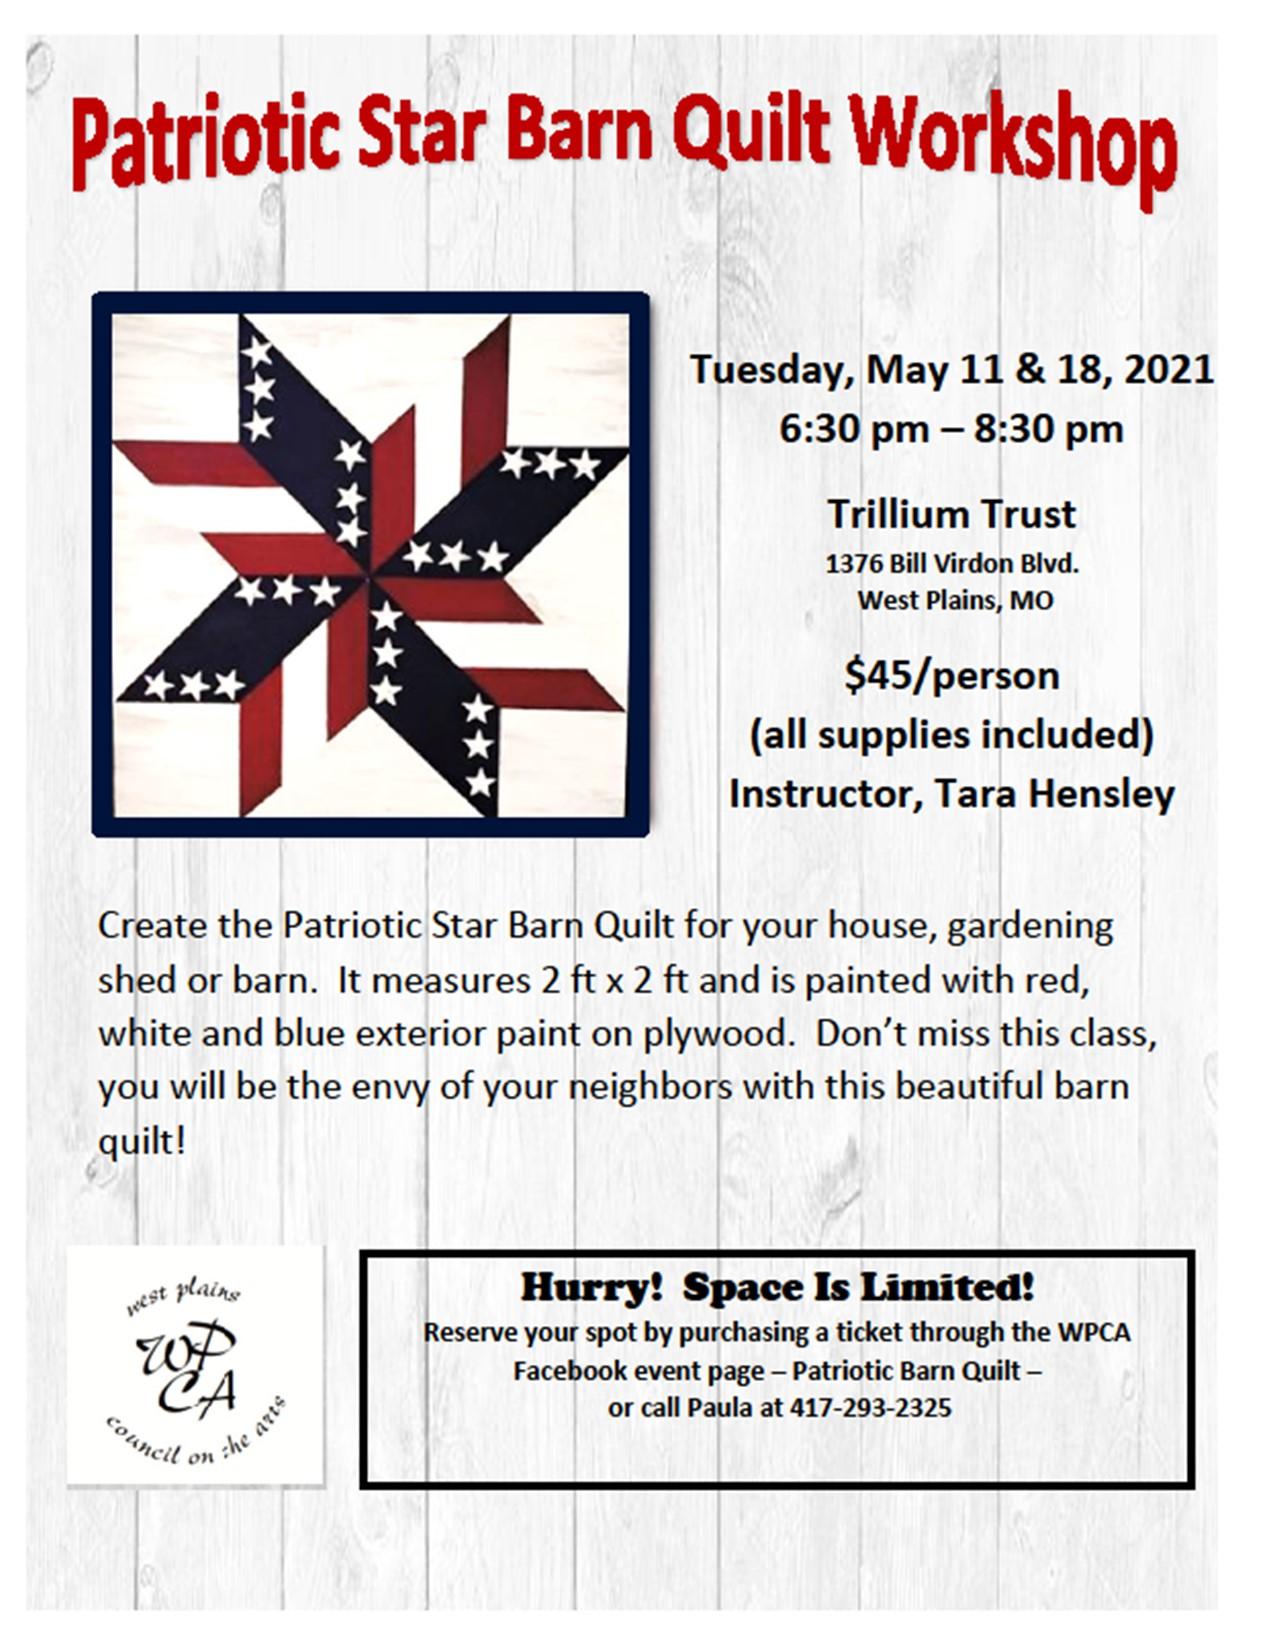 Patriotic Star Barn Quilt Workshop @ Trillium Trust Community Center